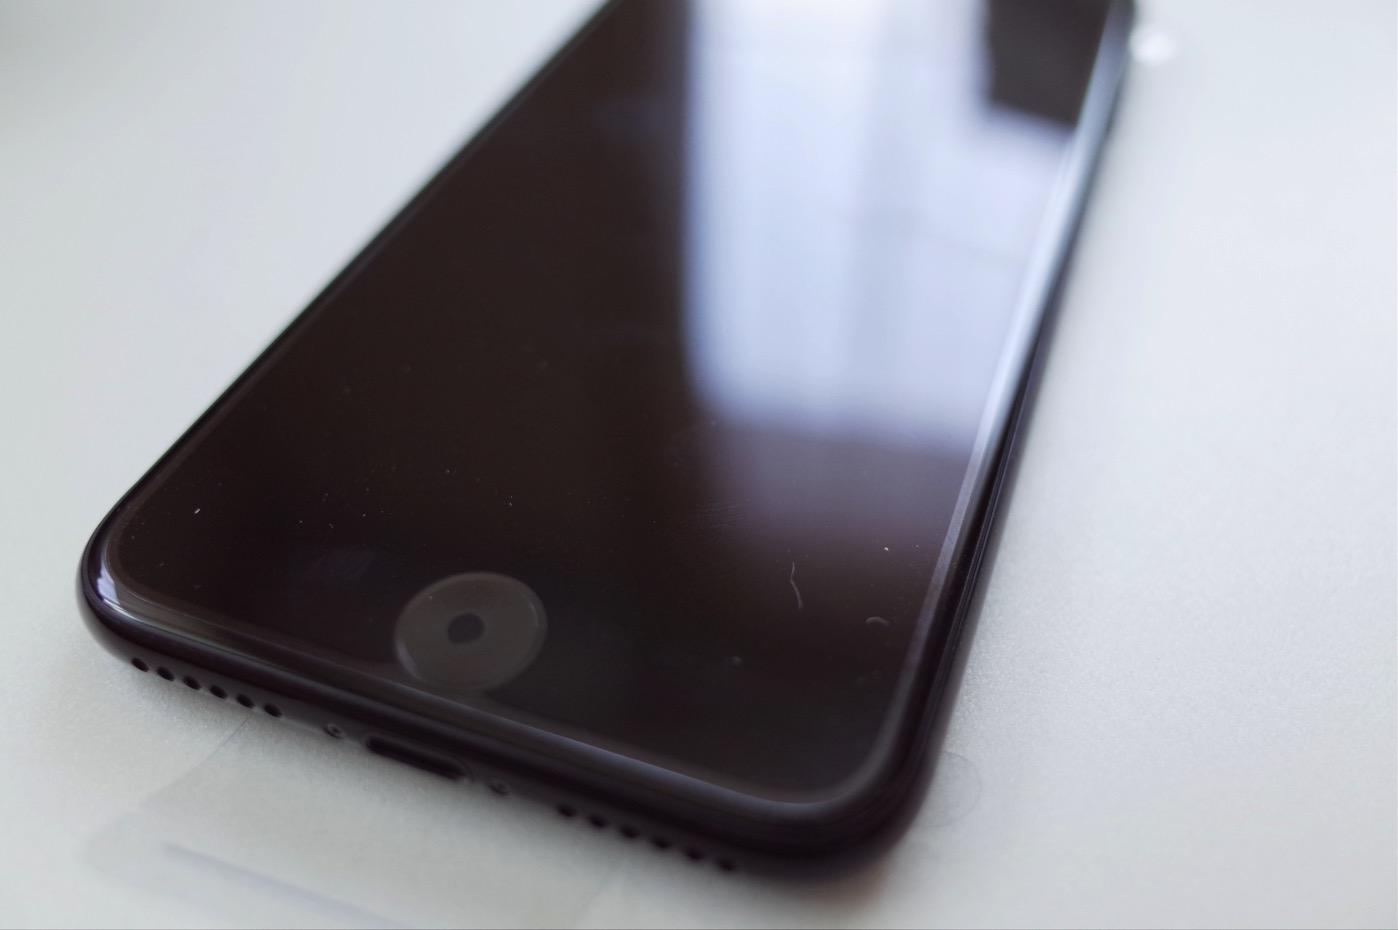 iPhone 7 ジェットブラック 256GB-9